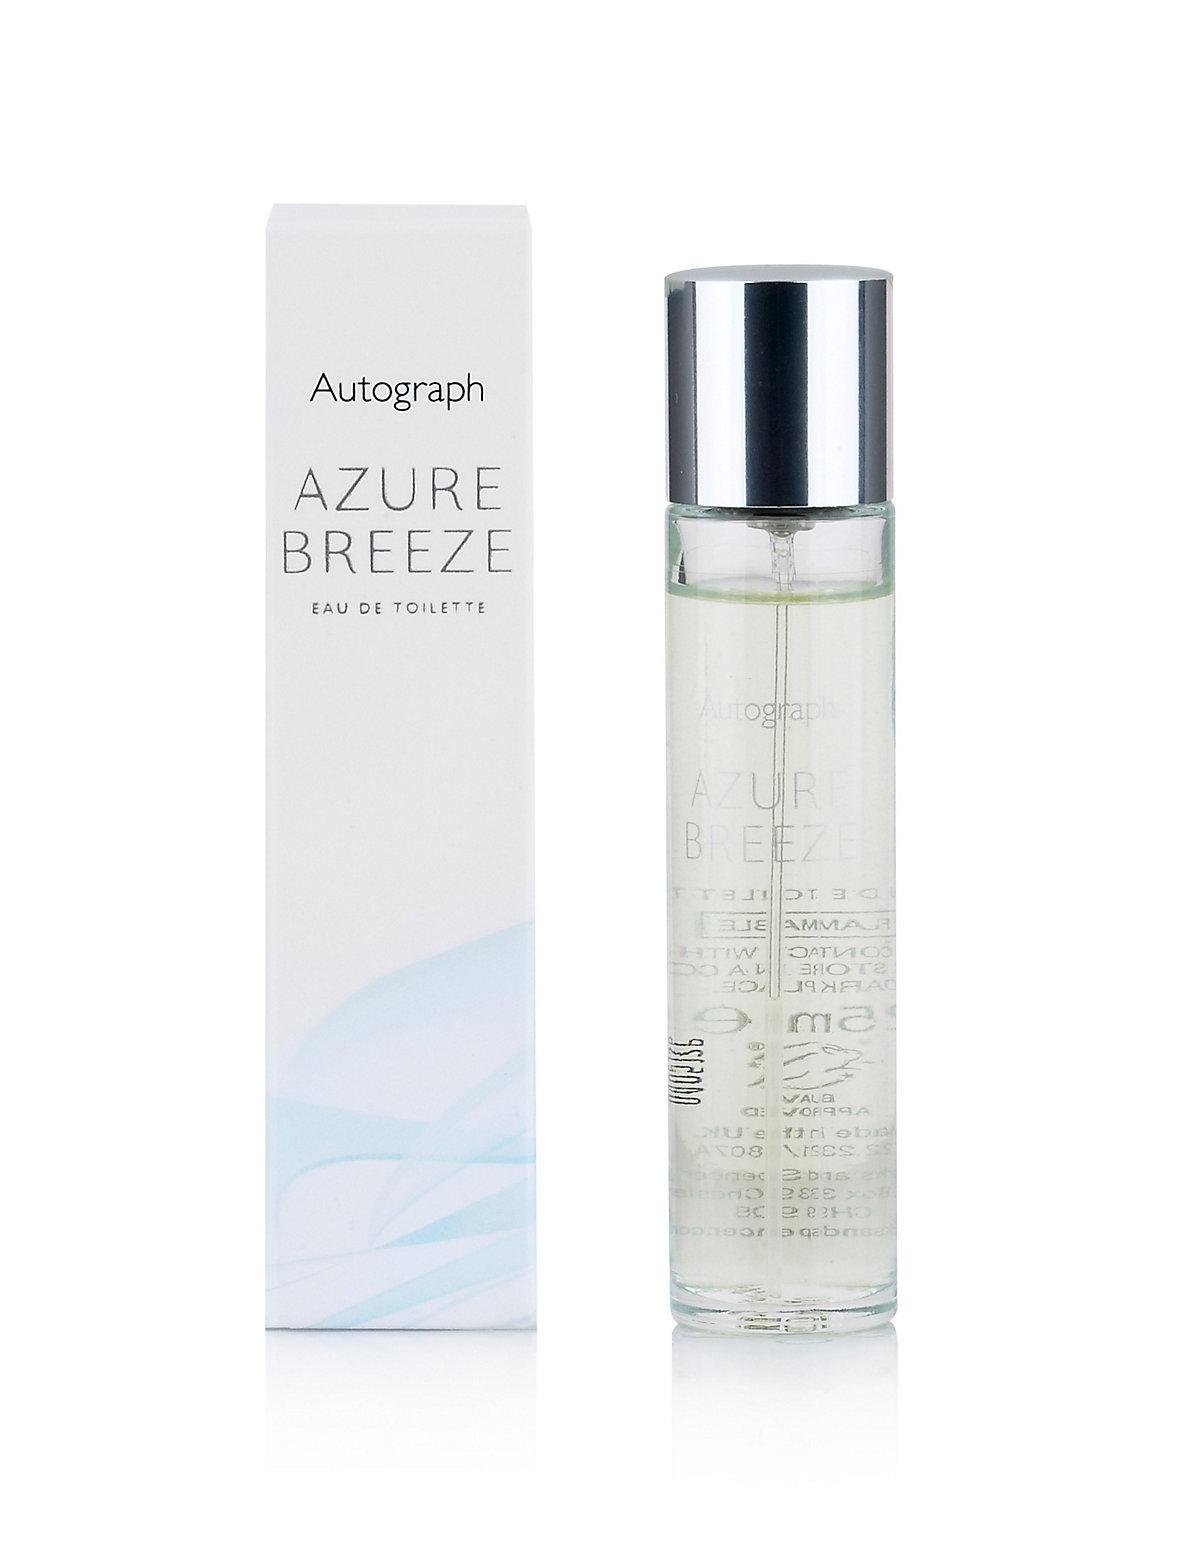 Image of Autograph Azure Breeze Eau de Toilette Purse Spray 25ml